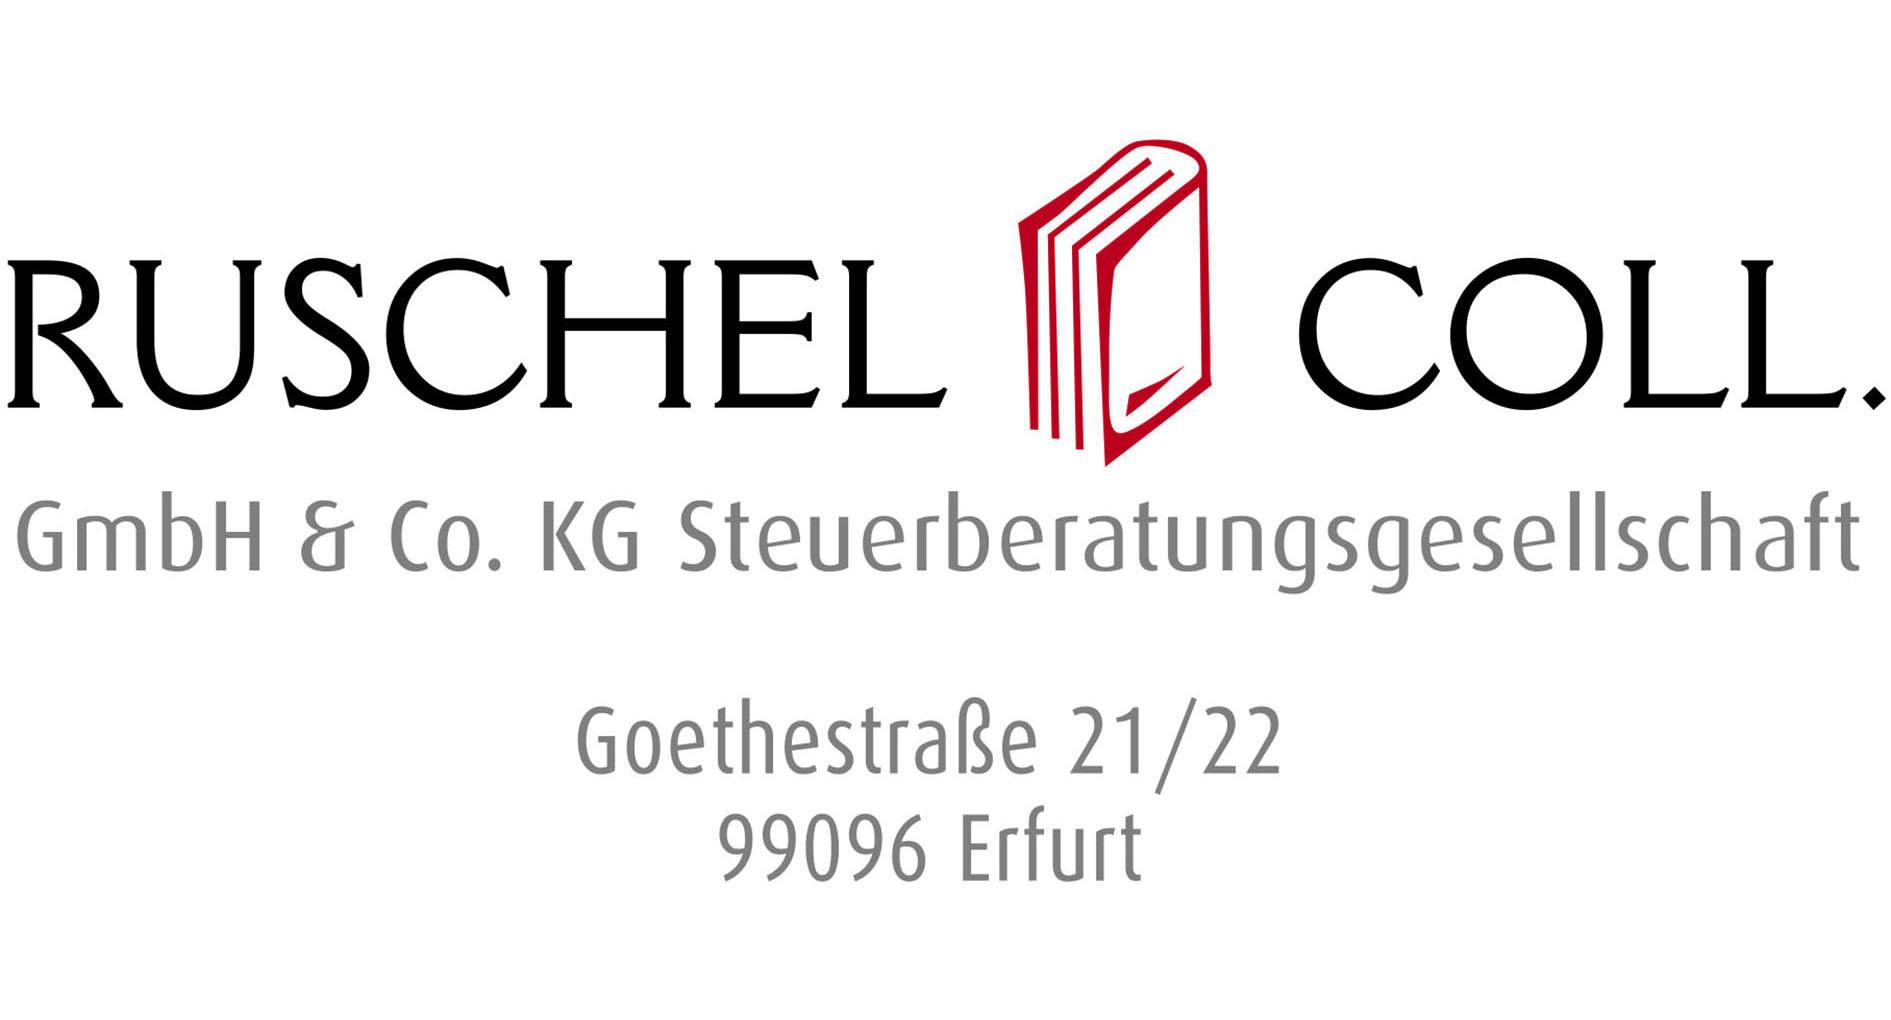 Ruschel & Coll.